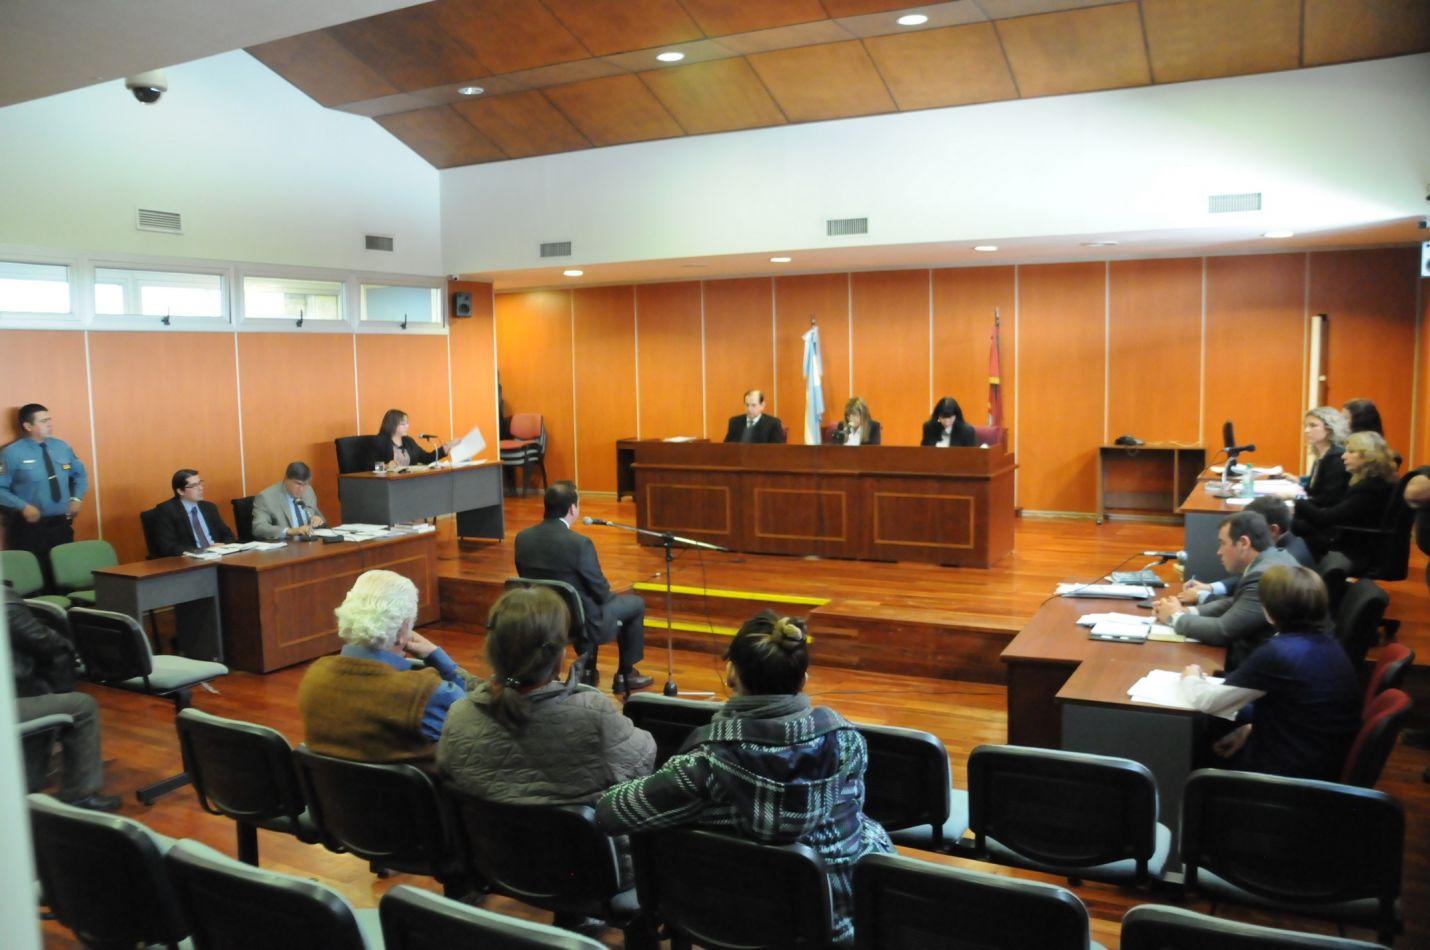 El abogado Terrón Villagrán negó en el juicio los cargos de abuso y pornografía infantil